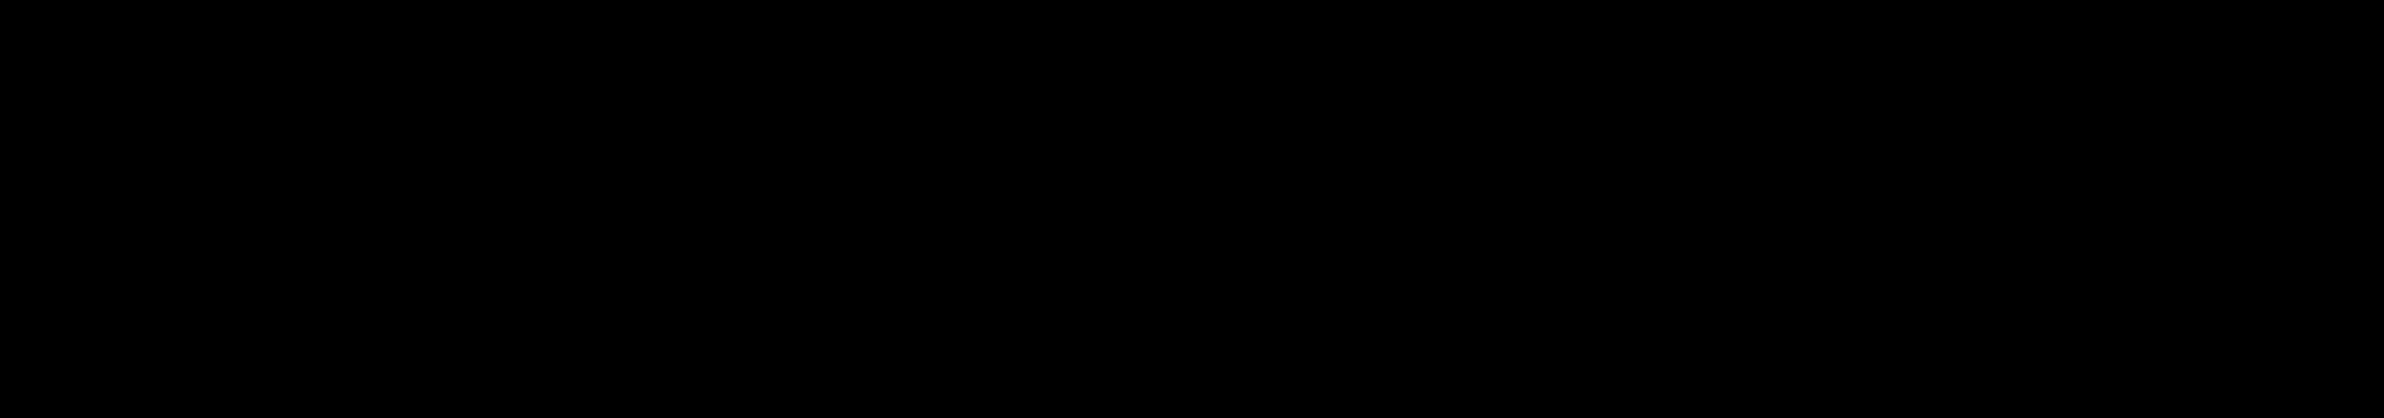 AudioScène